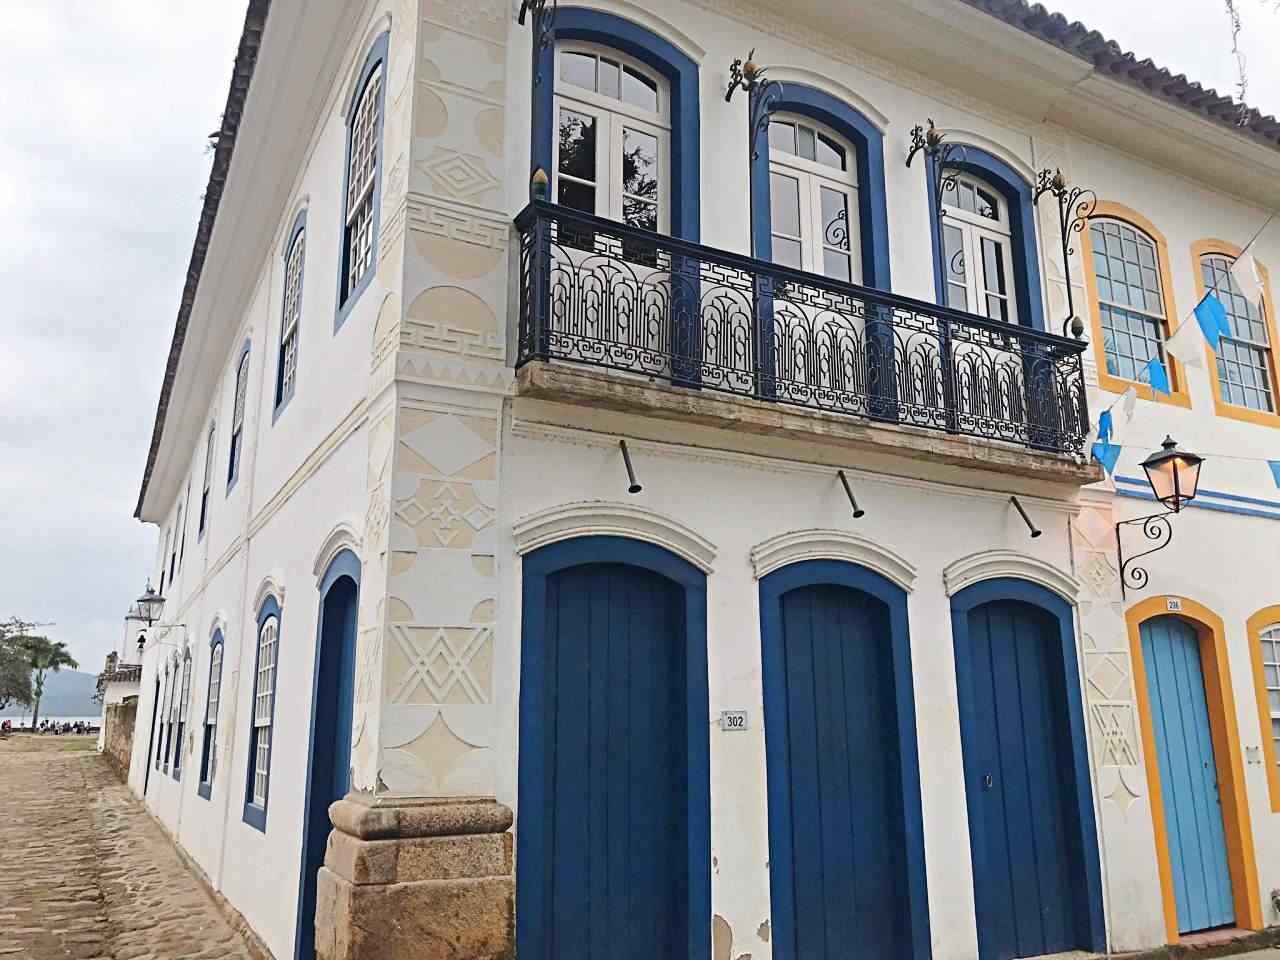 Casa Colonial com abacaxis e símbolos maçons